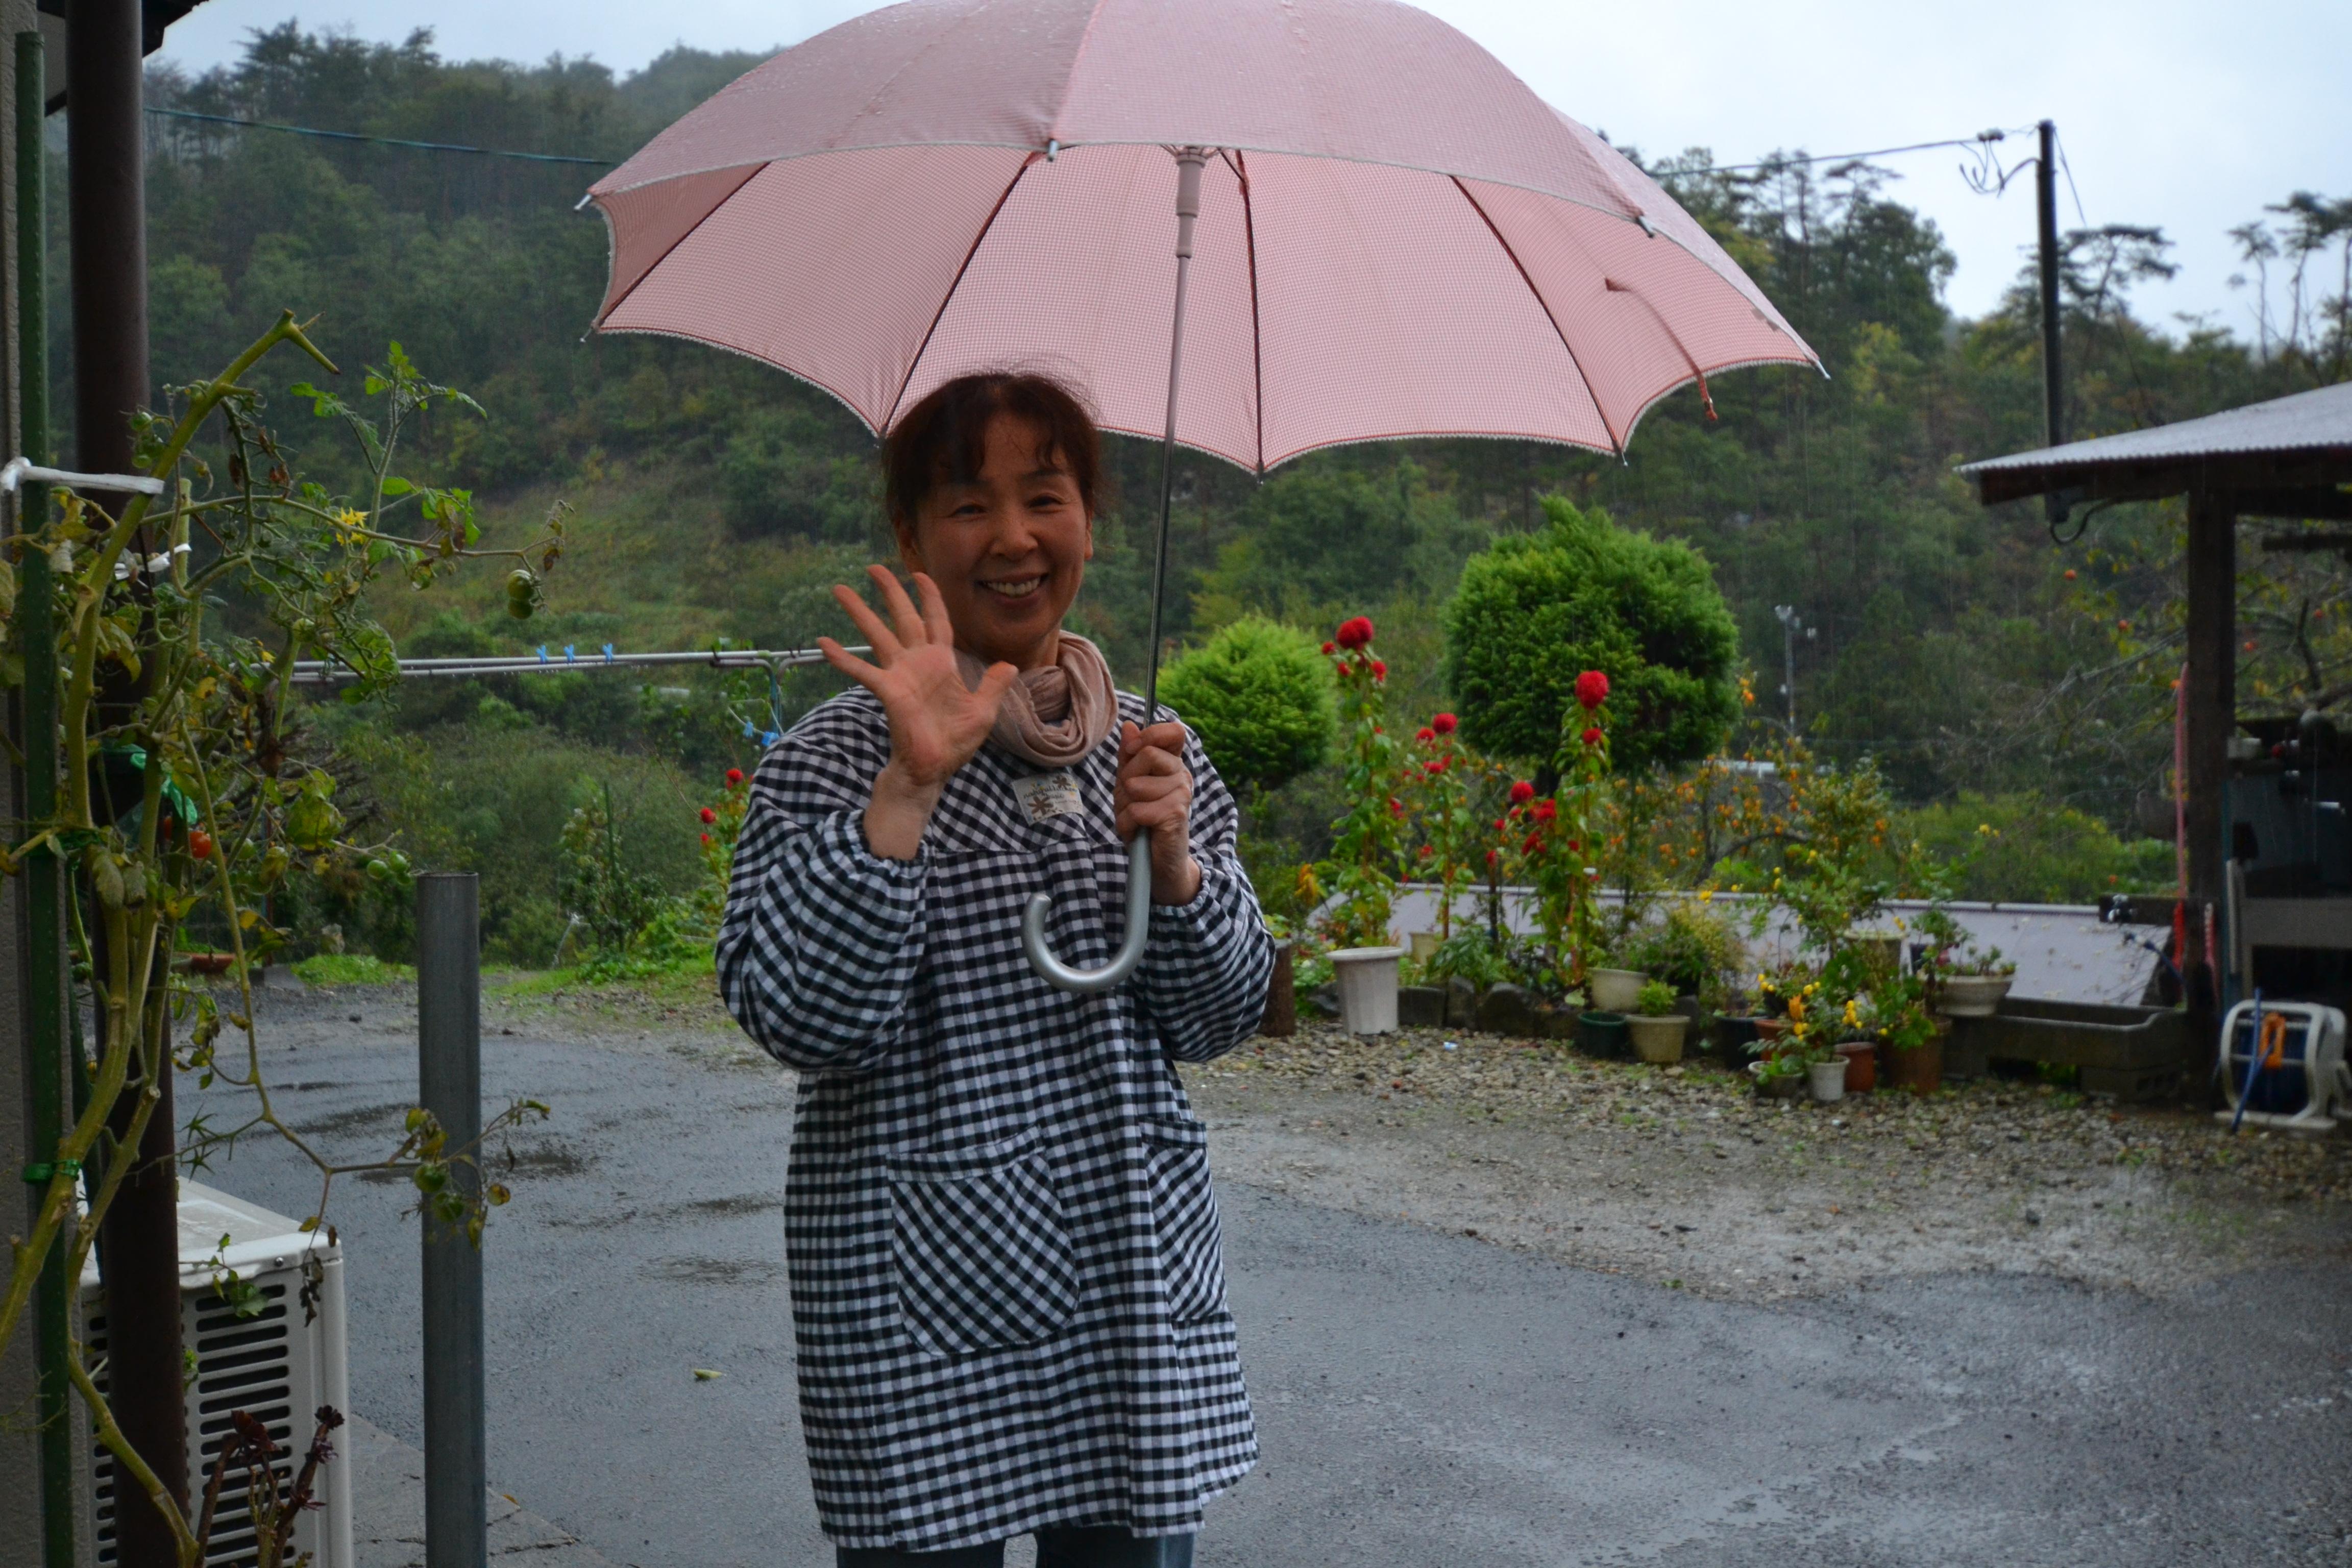 marumori bamboo wife pink umbrella good bye.JPG